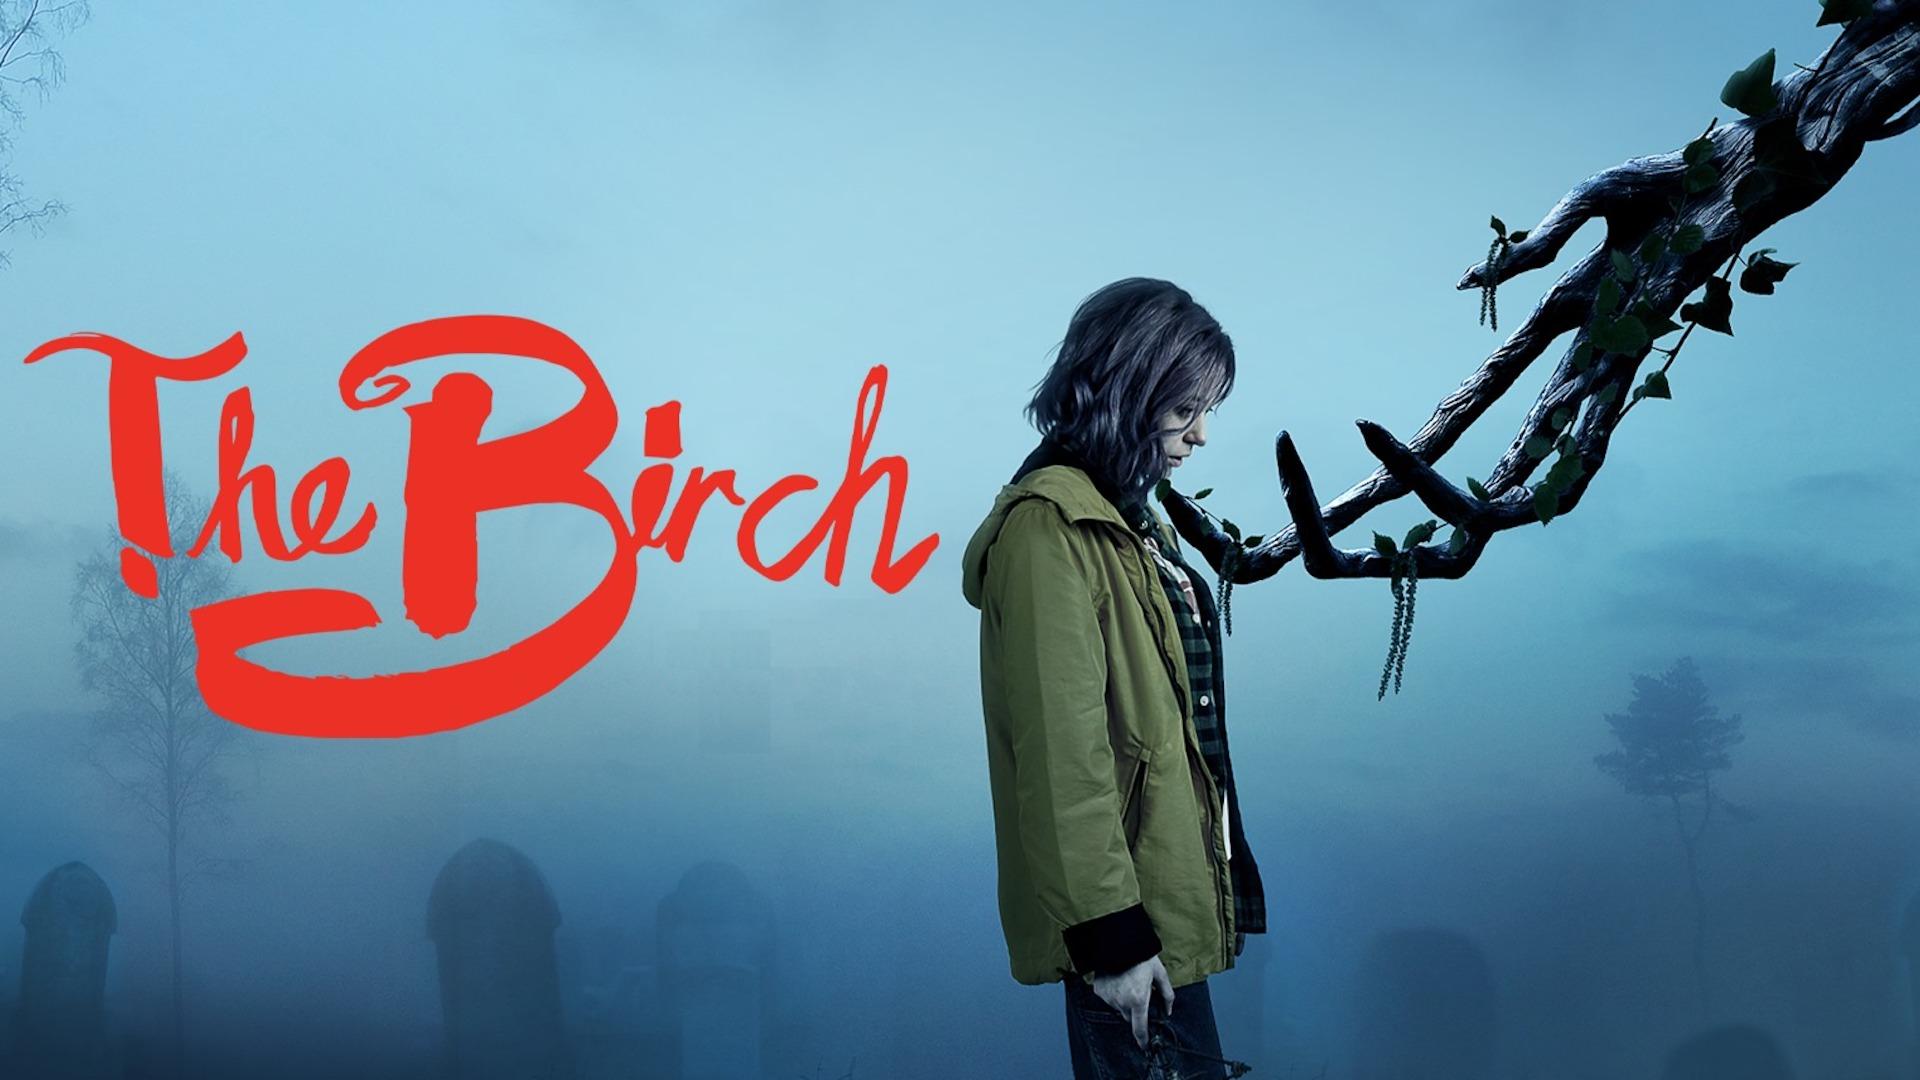 THEBIRCH